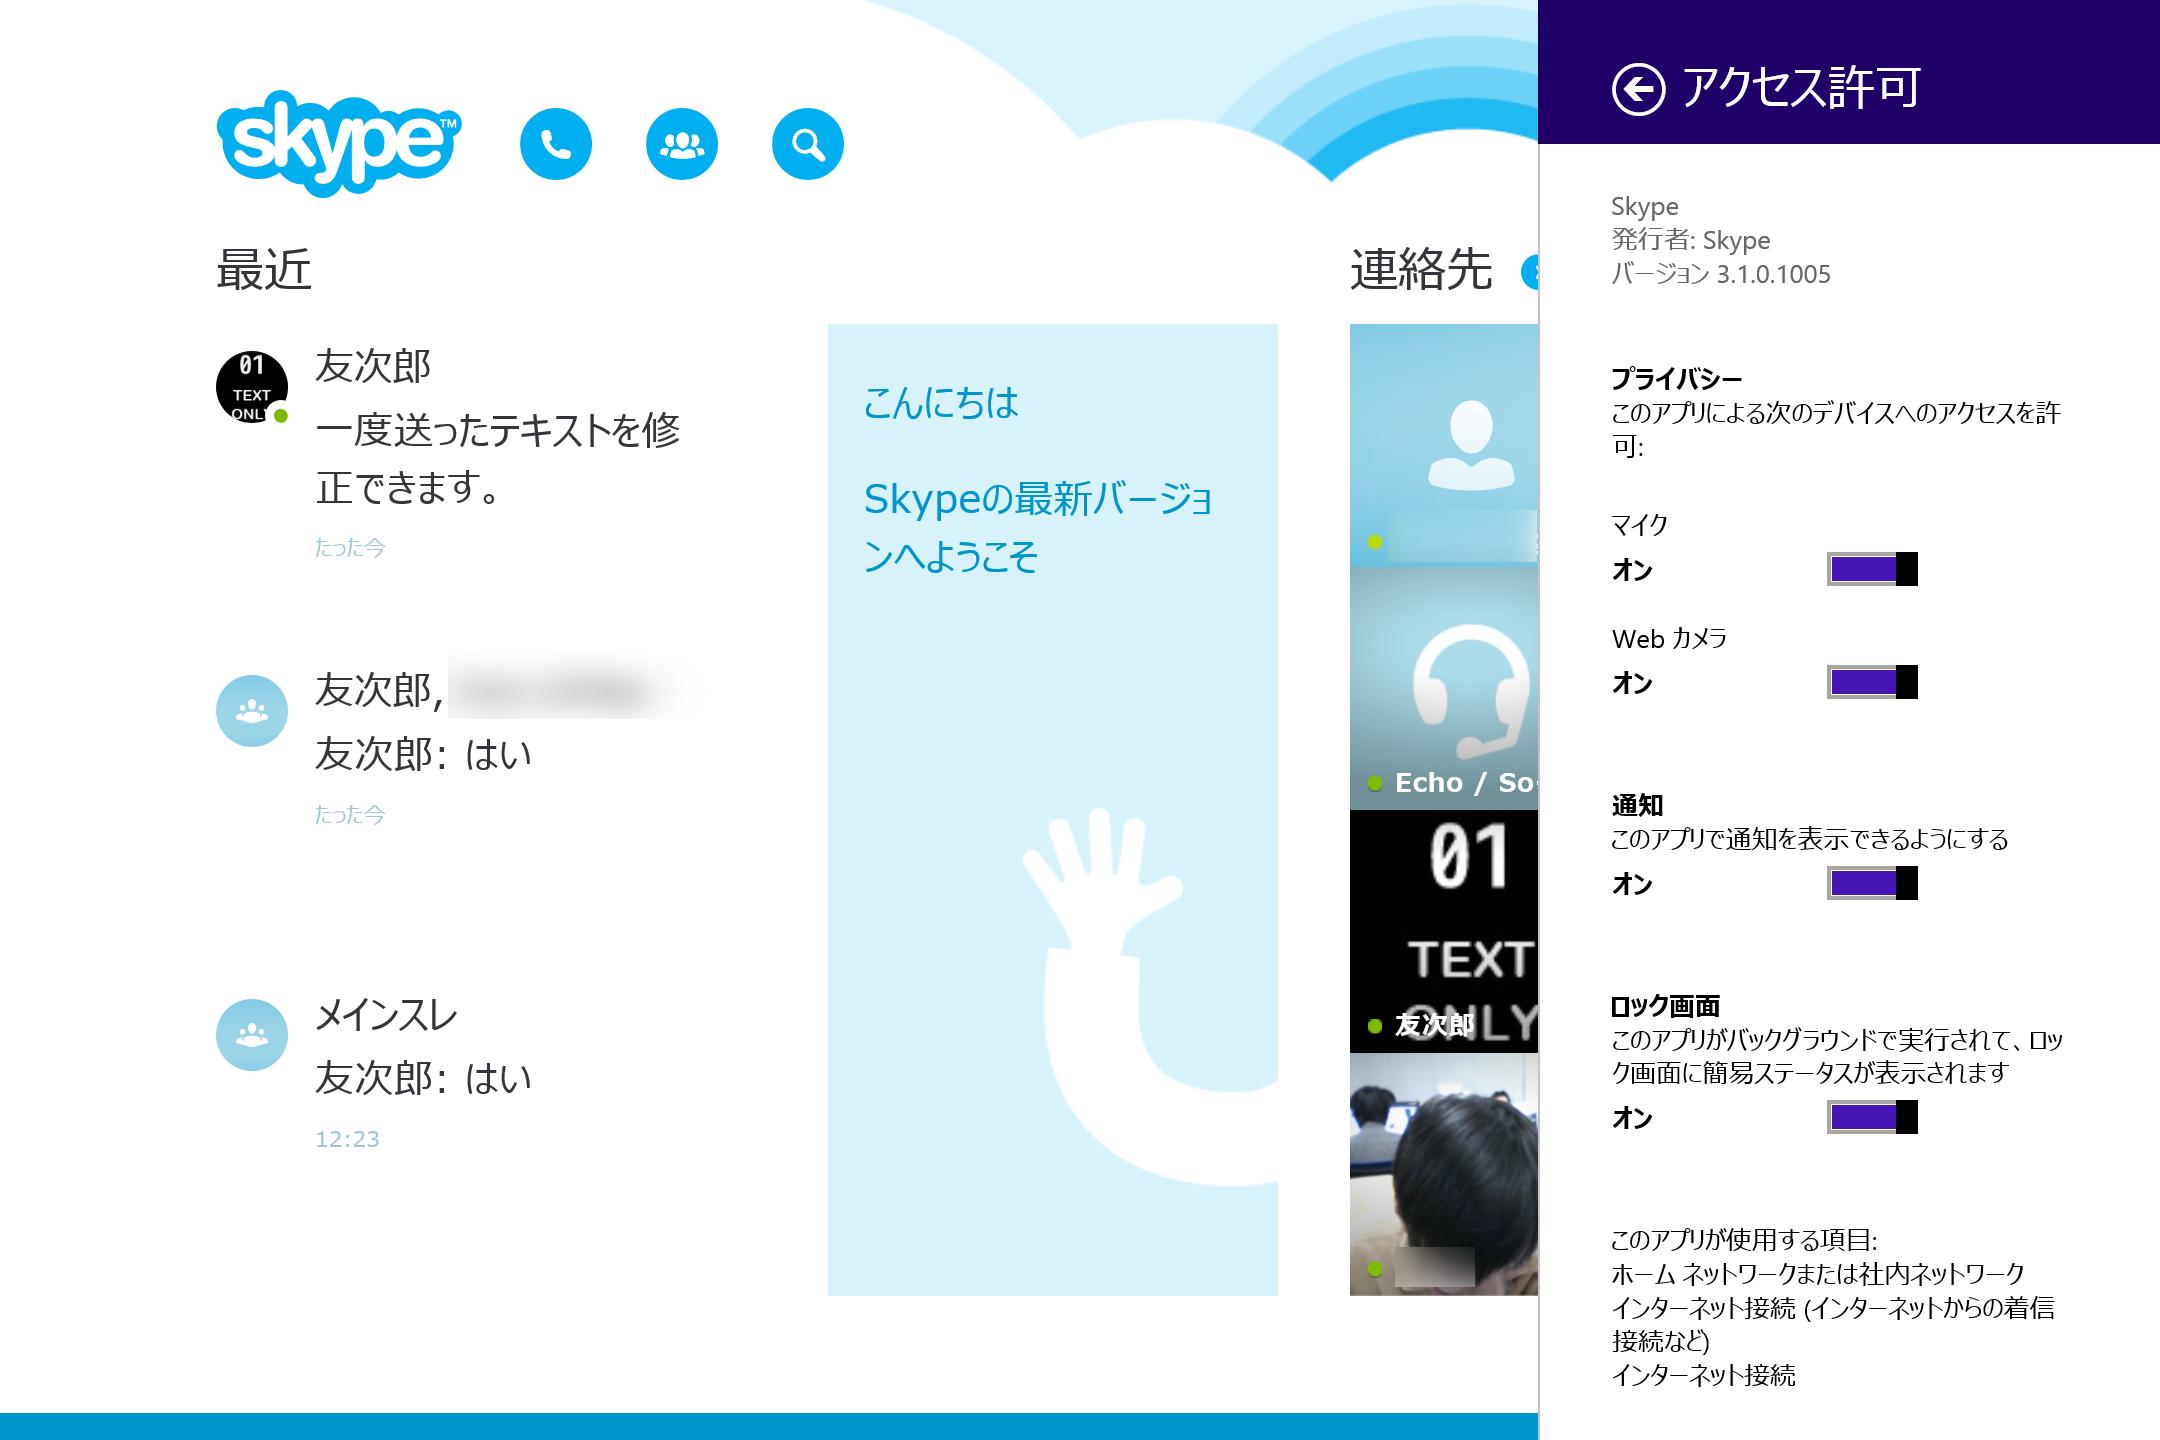 「Skype」v3.1.0.1005